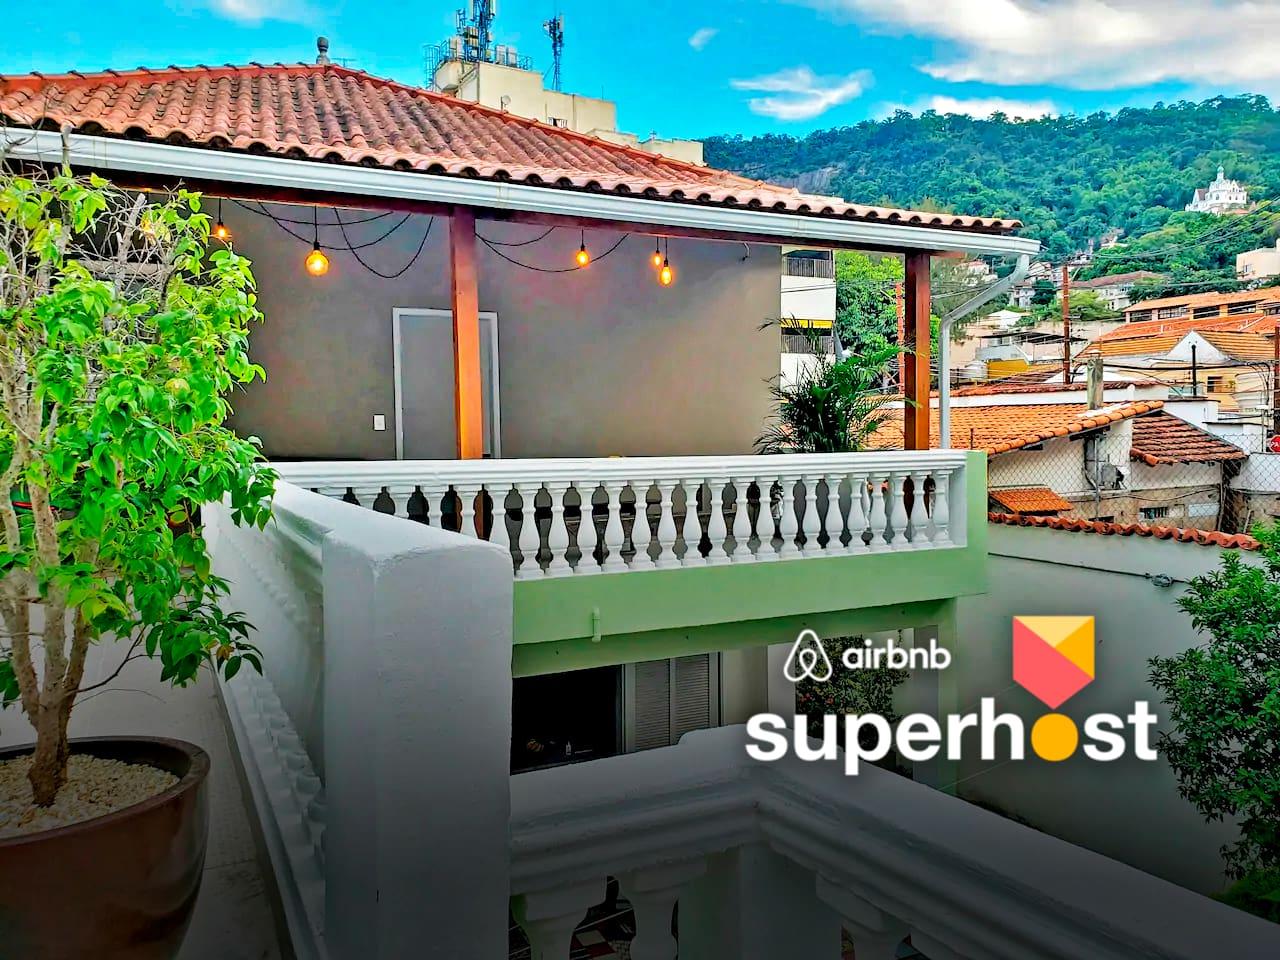 Ótima localização em Santa Teresa – um bairro histórico com muito verde que está a 100 metros do nível do mar.